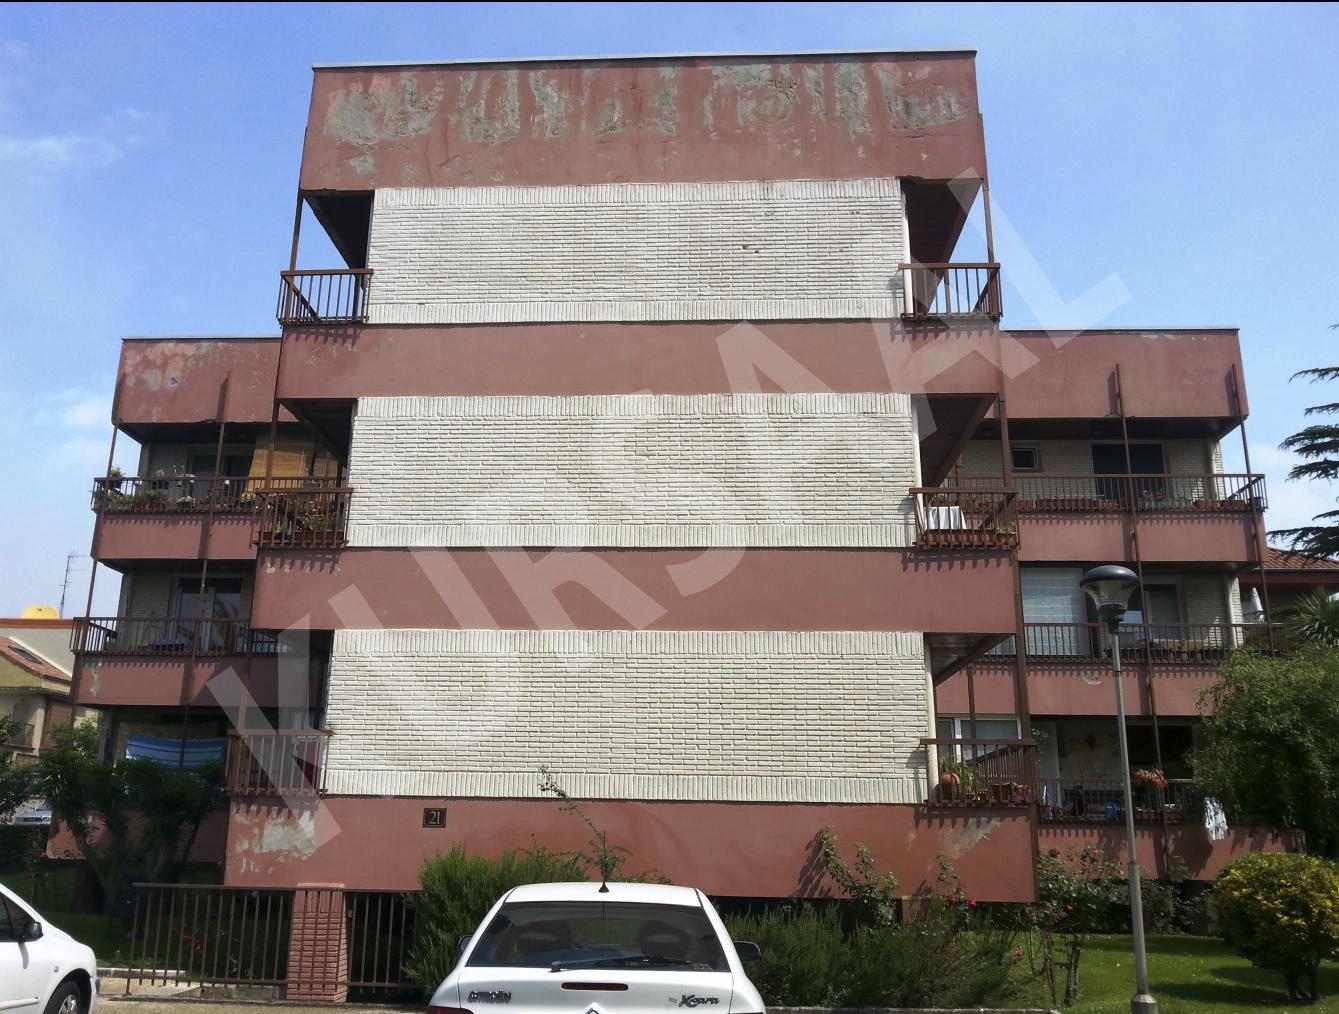 foto 5 - Aislamientos Térmicos y Eficiencia Energética-Belizalde 21-Donostia